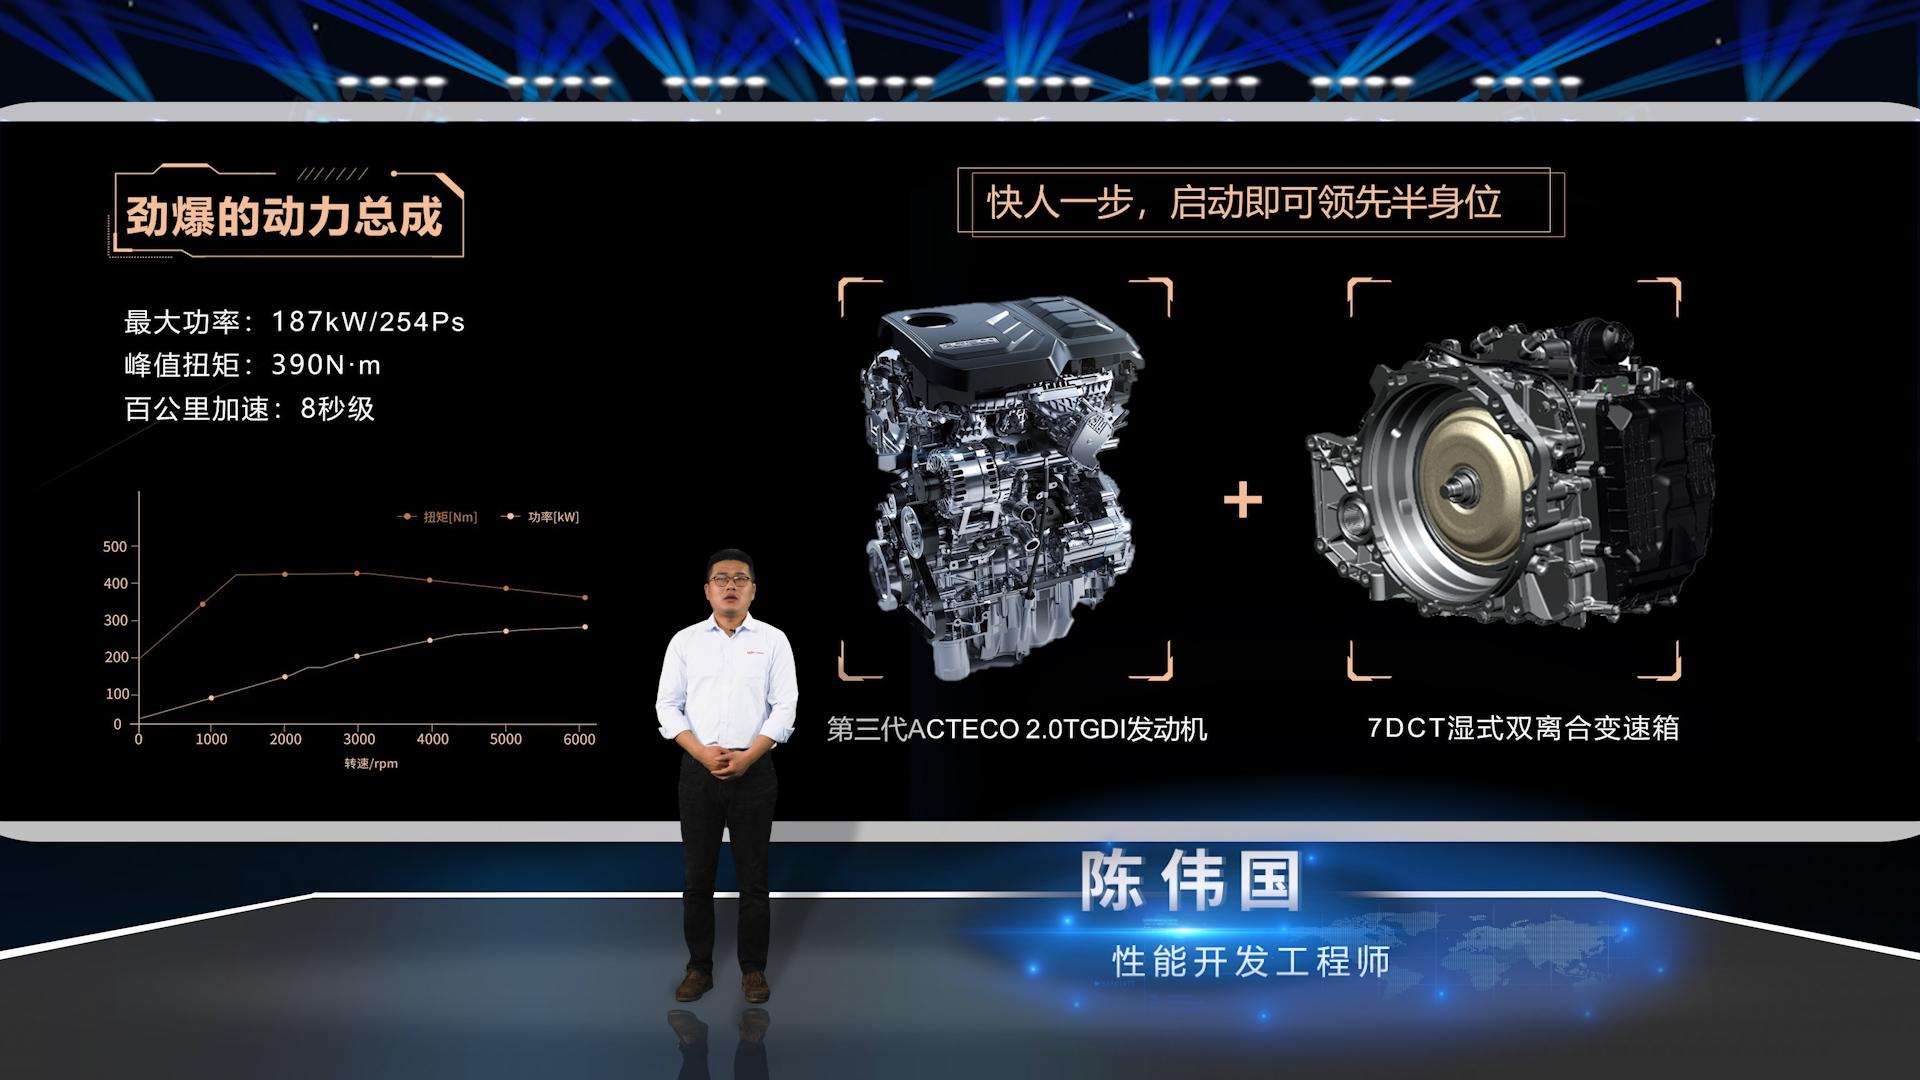 四大核心优势 星途2.0TGDI发动机技术解析